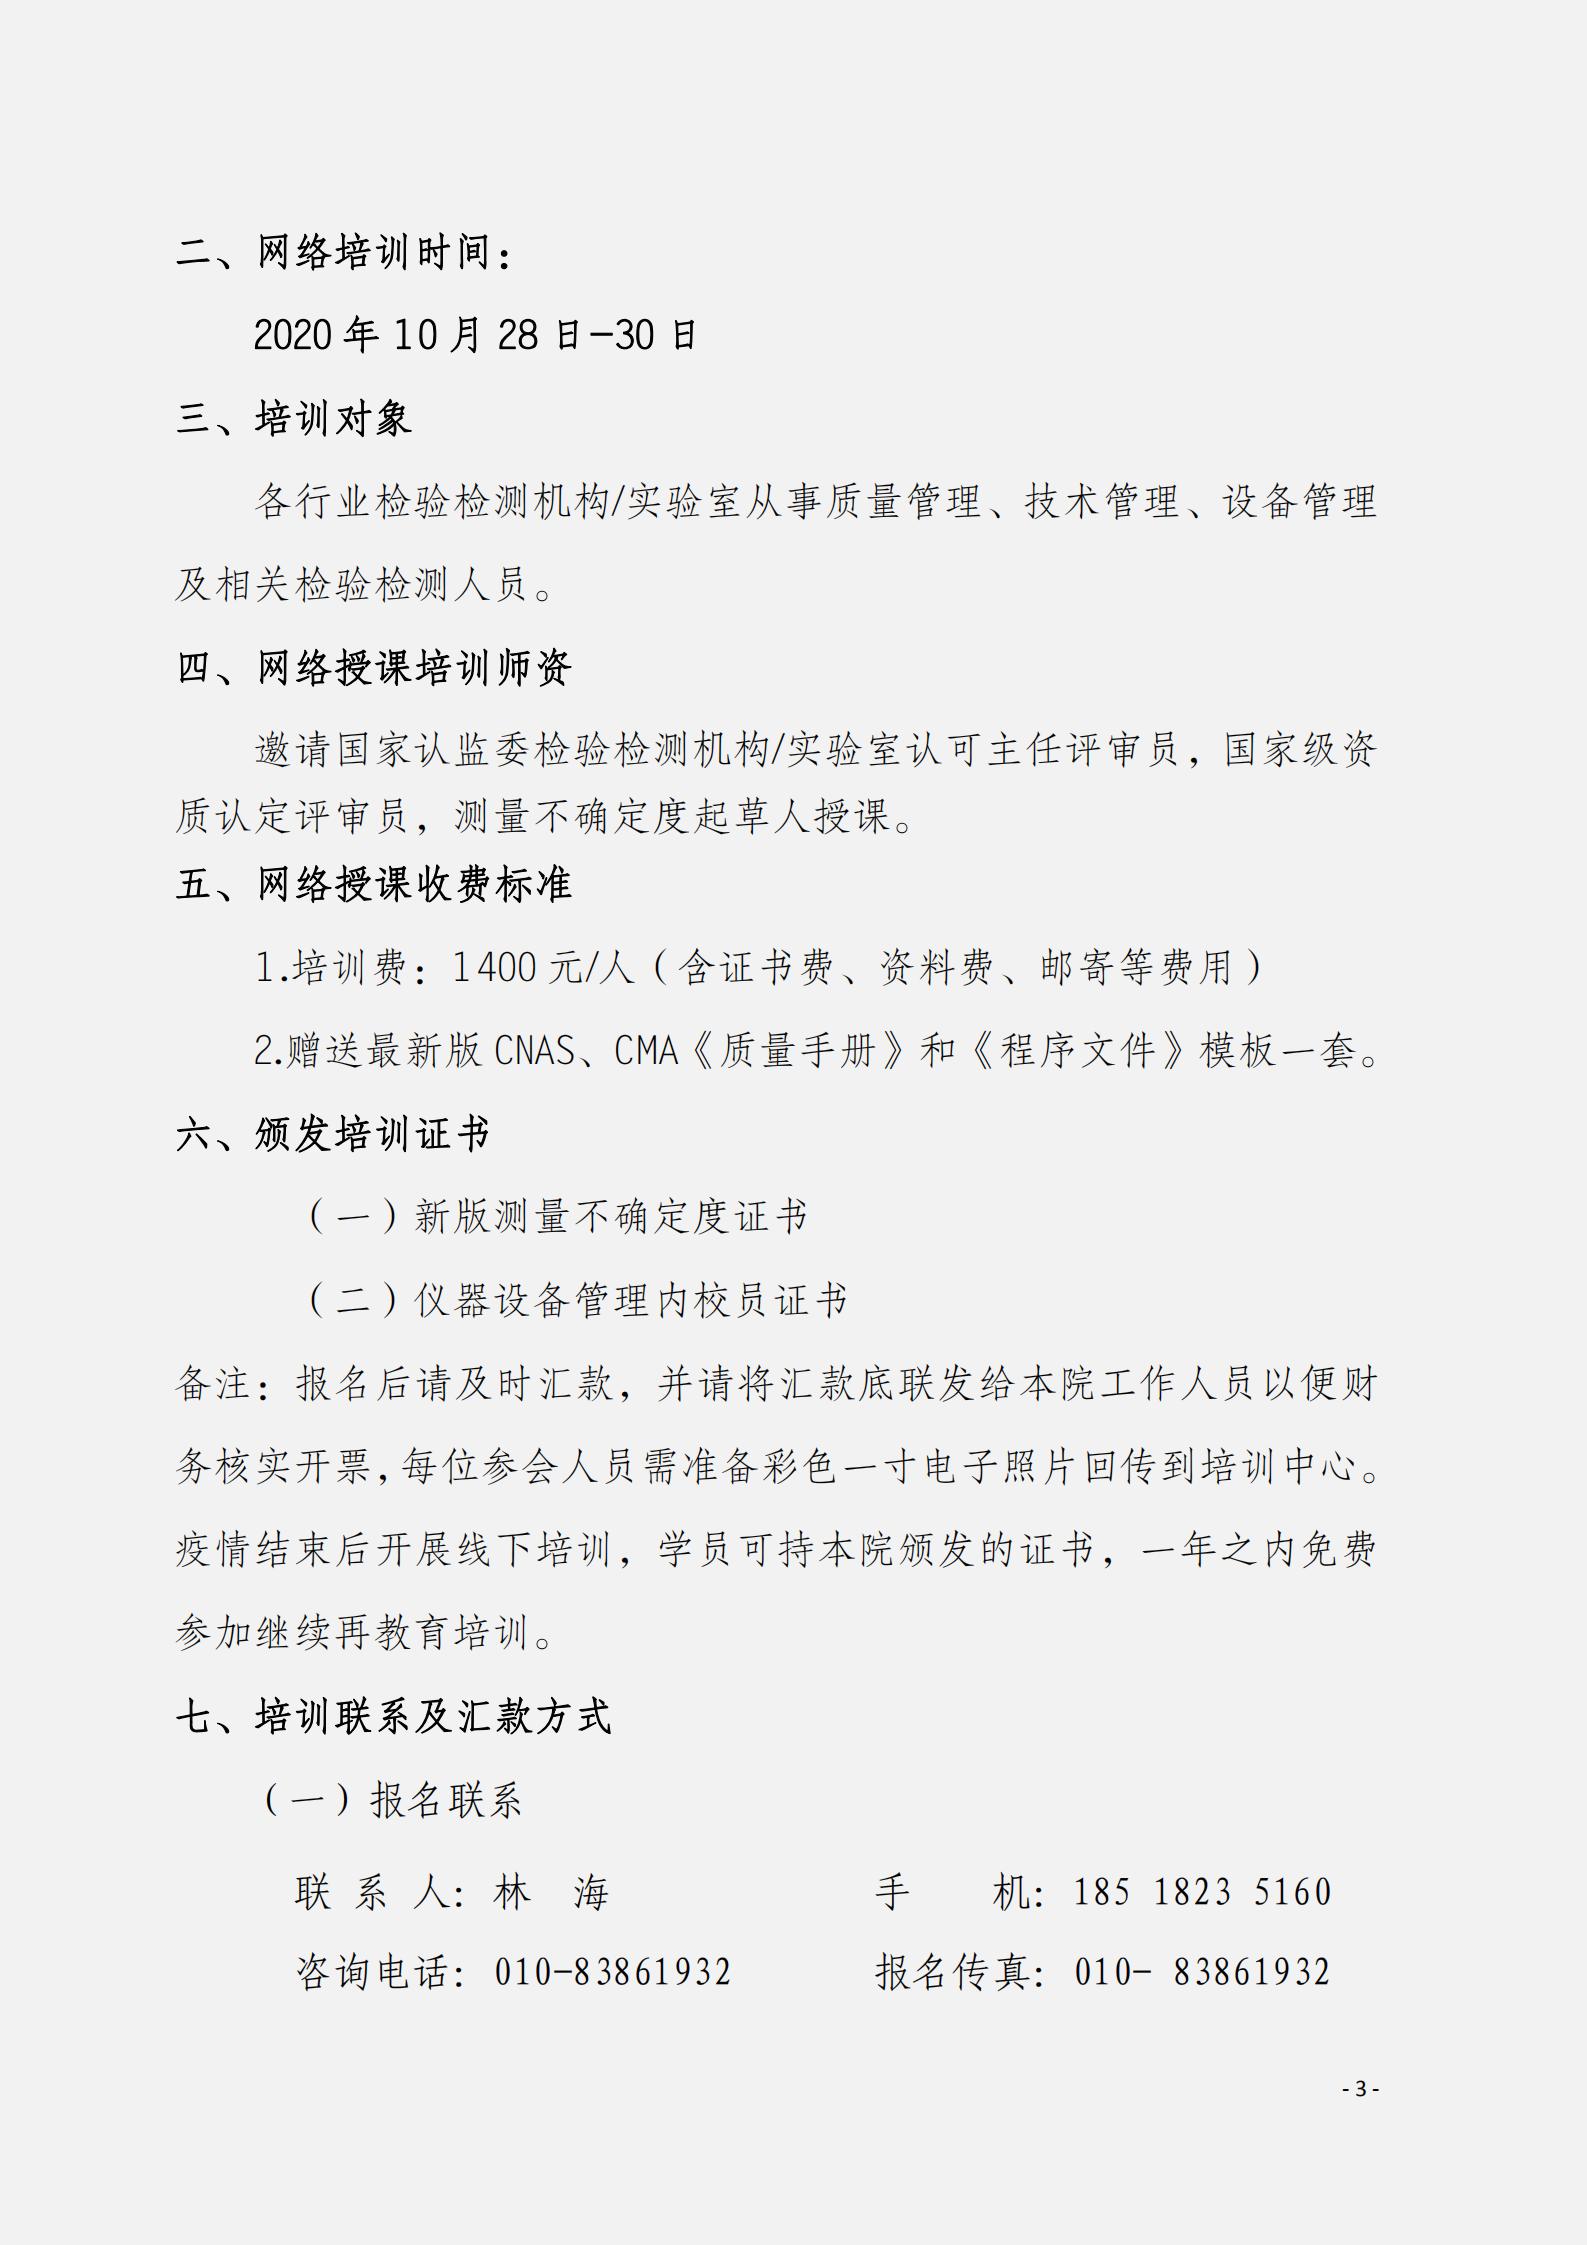 2.10月举办内部校准人员及计量溯源性测量不确定度评定与表示文件_02.png